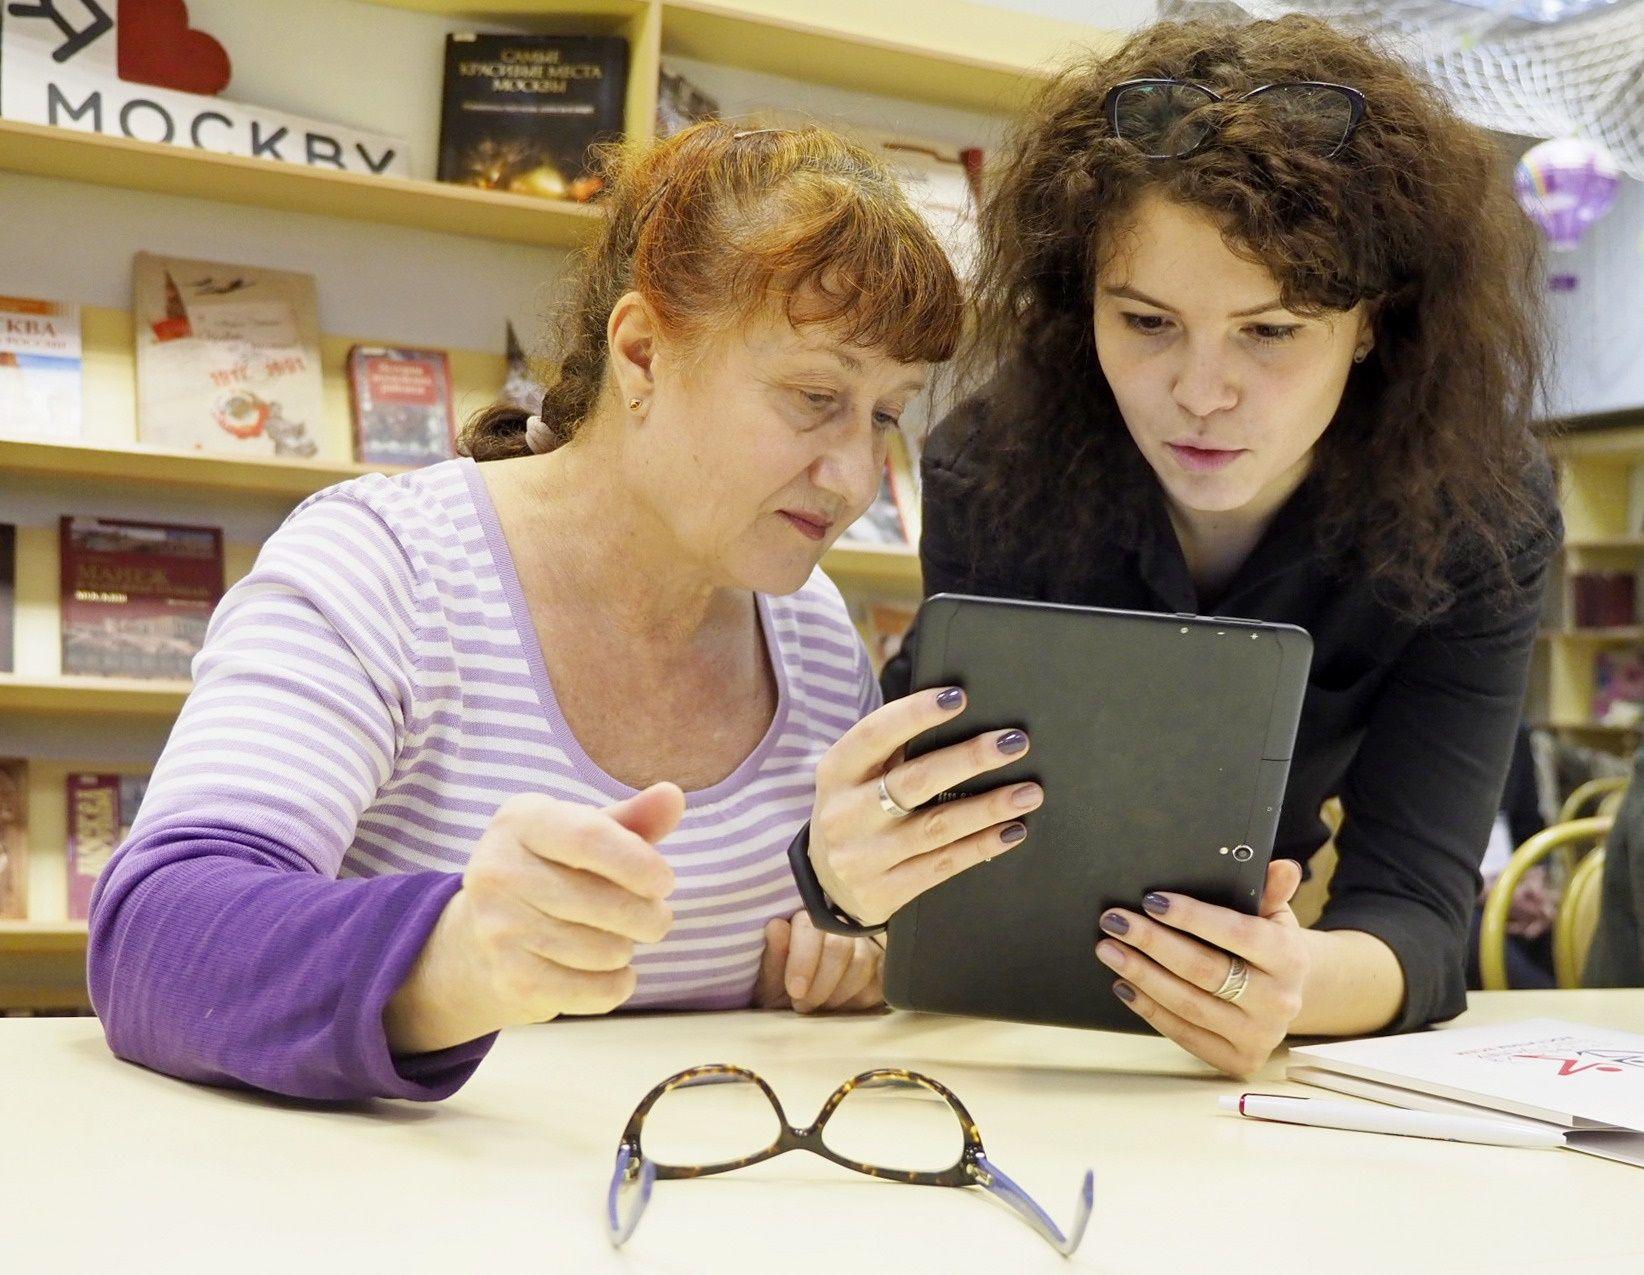 Москвичам стал доступен виджет с данными о пенсионных накоплениях